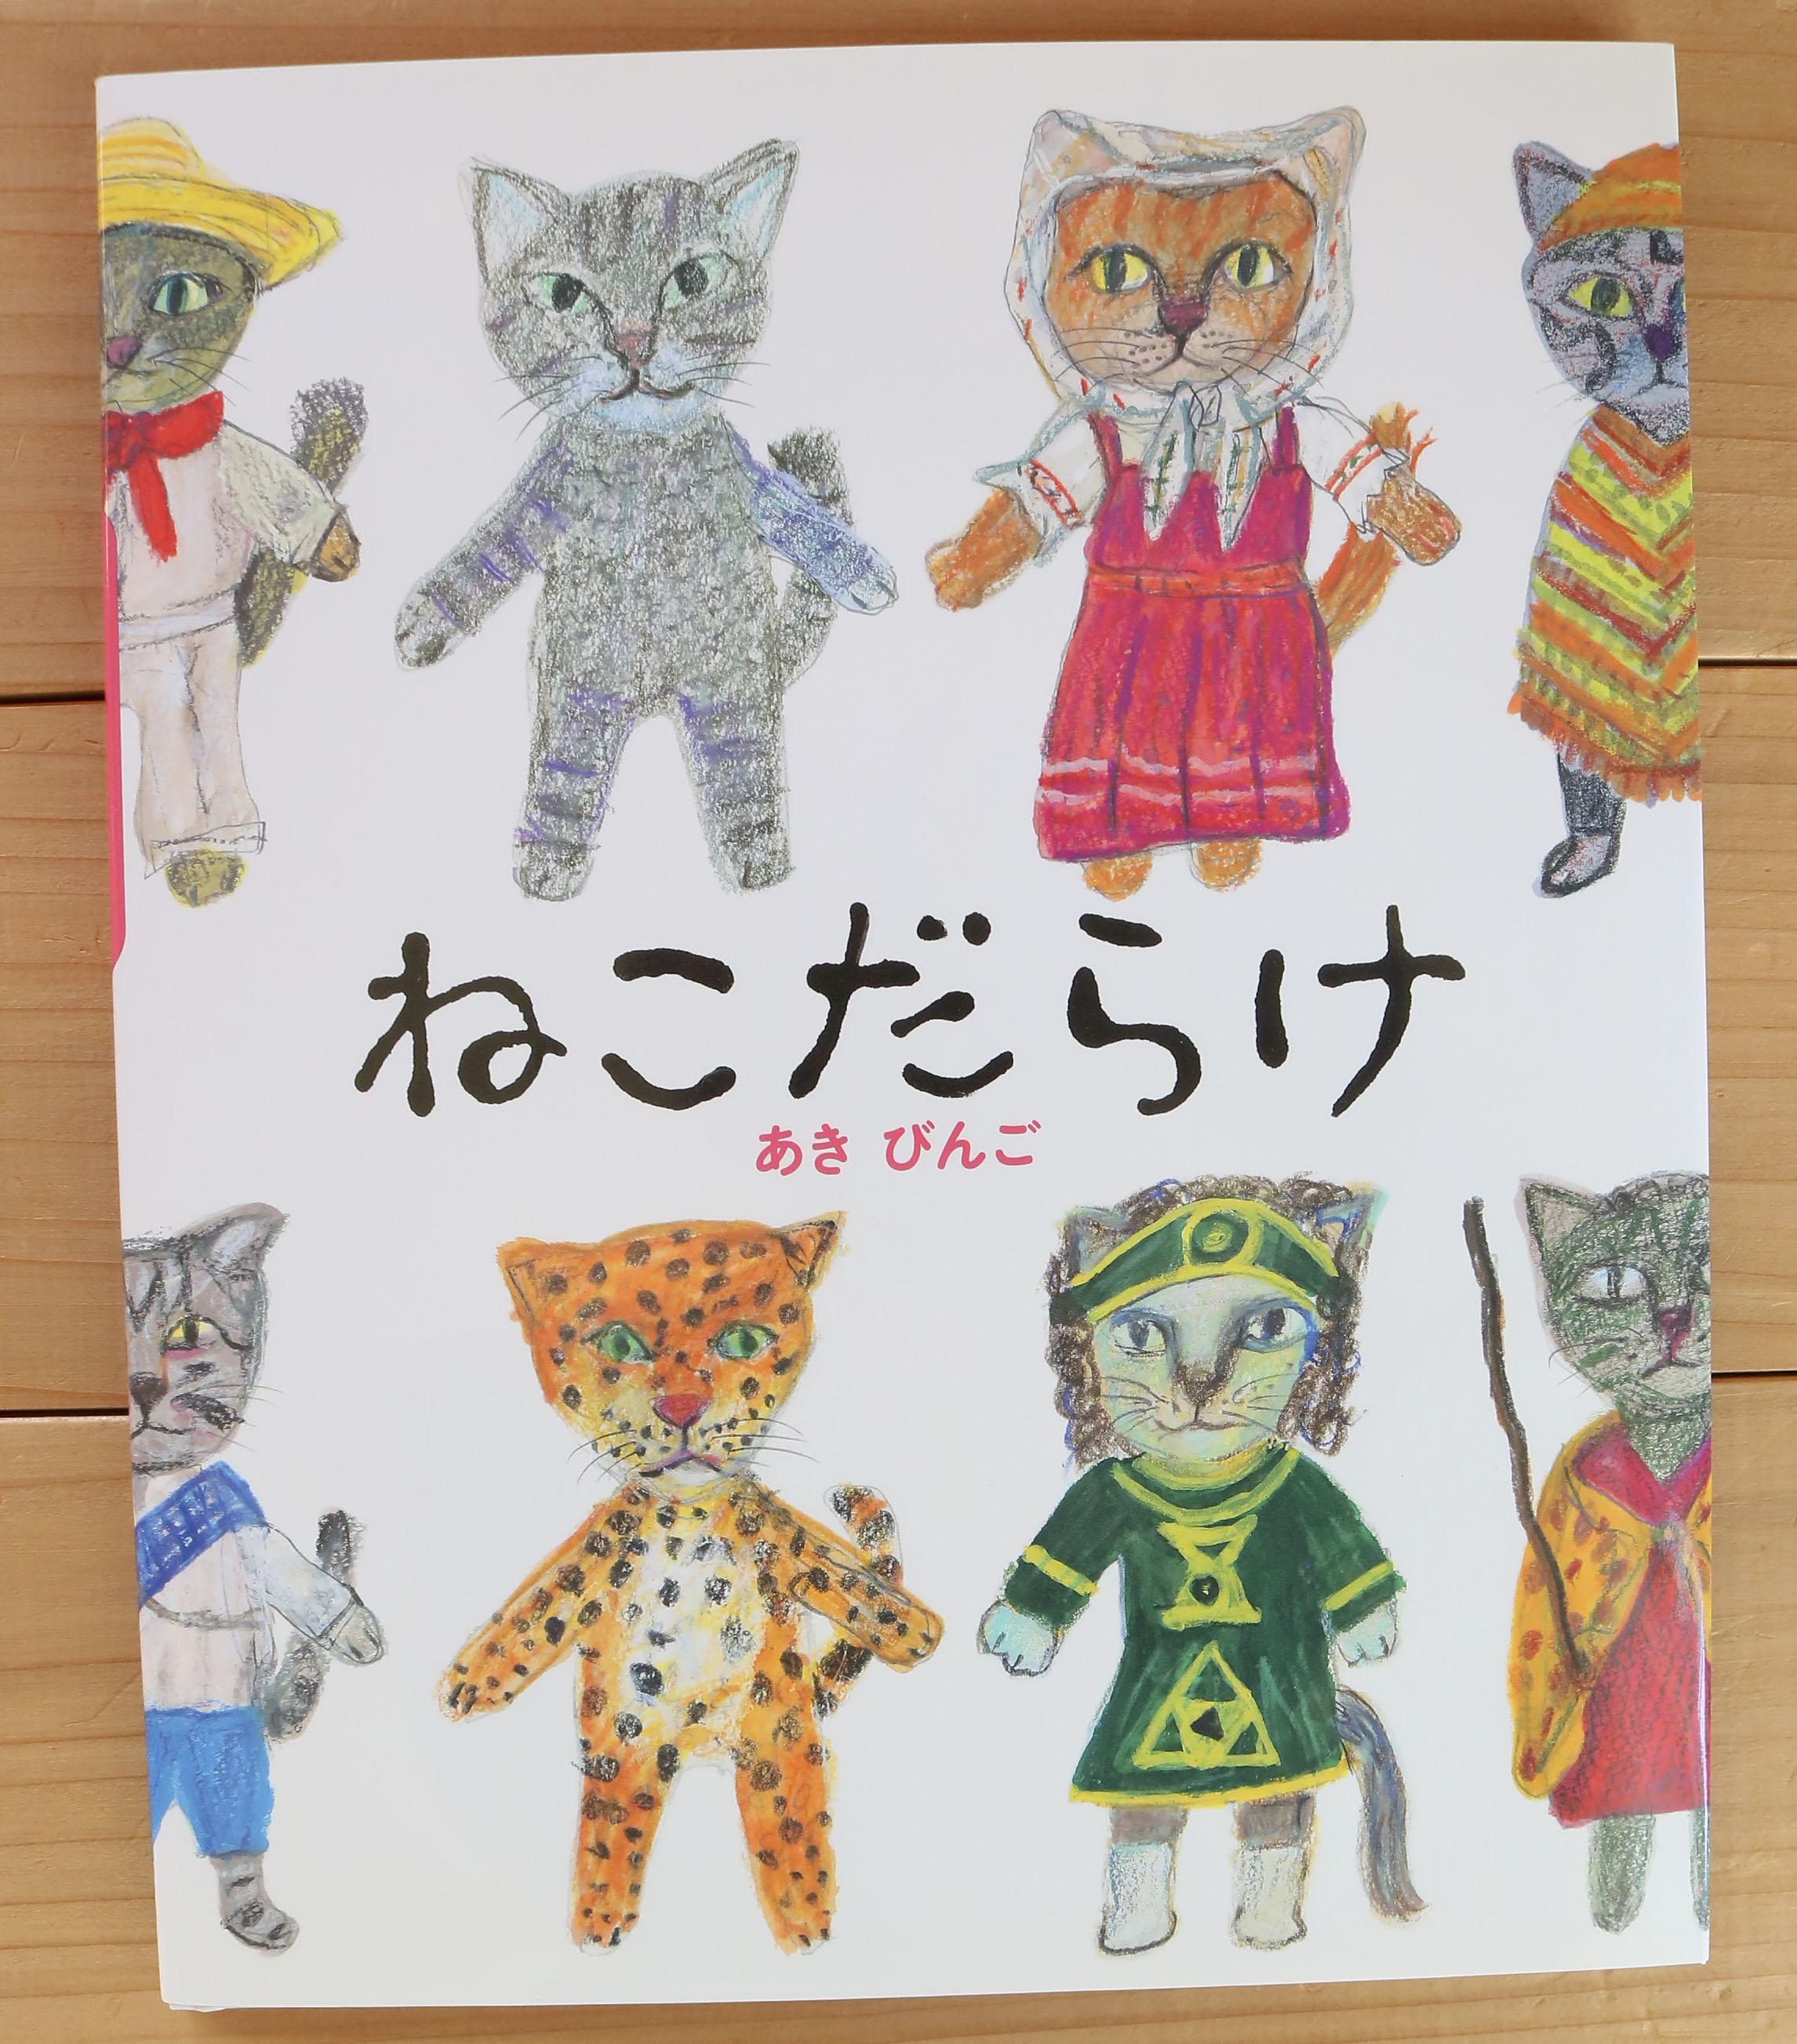 ねこだらけ あきびんご かぎしっぽ 猫絵本 絵本 秋田